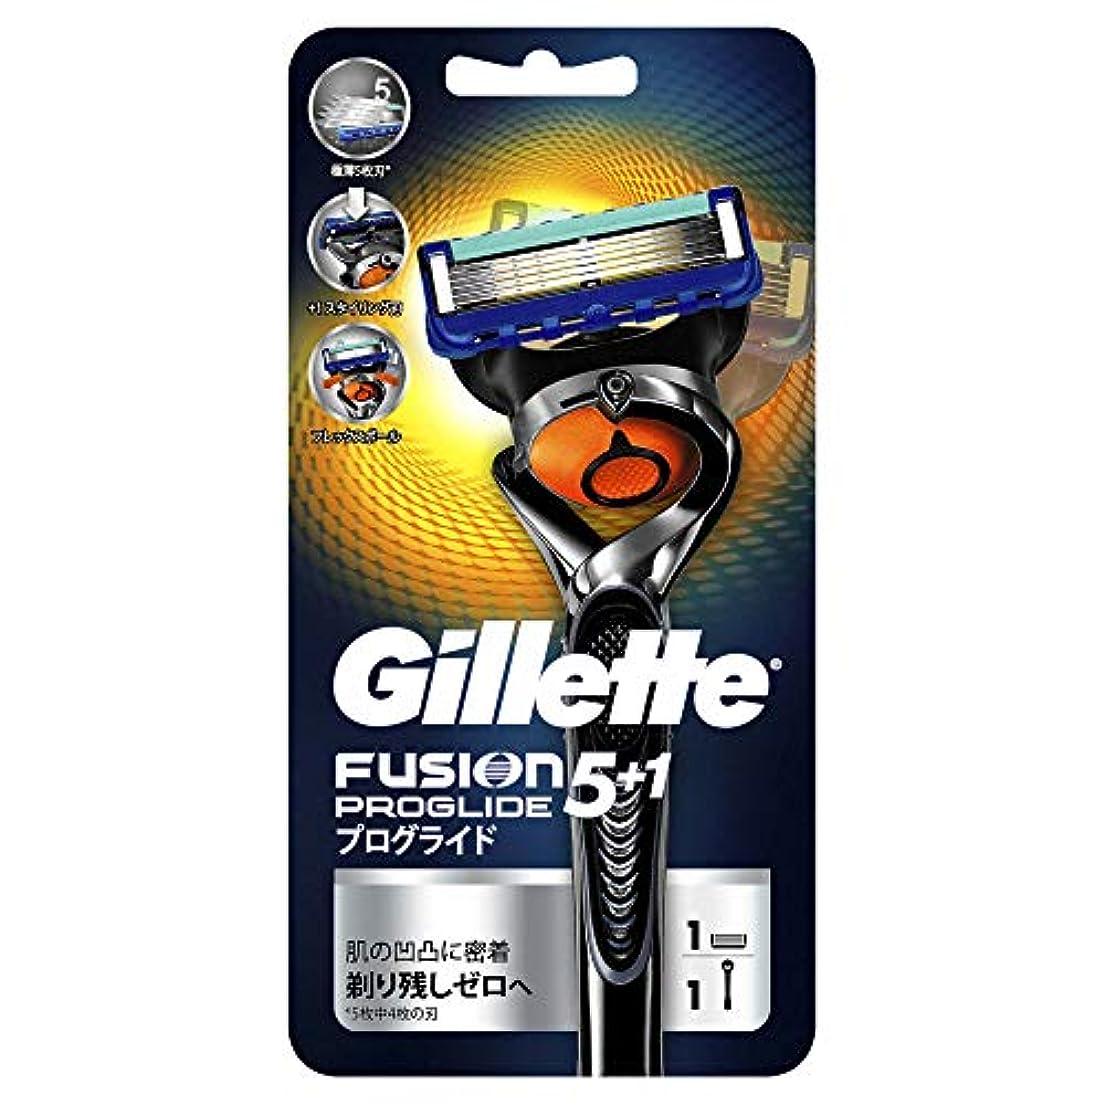 病気指定仕事に行くジレット プログライド フレックスボール マニュアル 髭剃り 本体 お試しパック